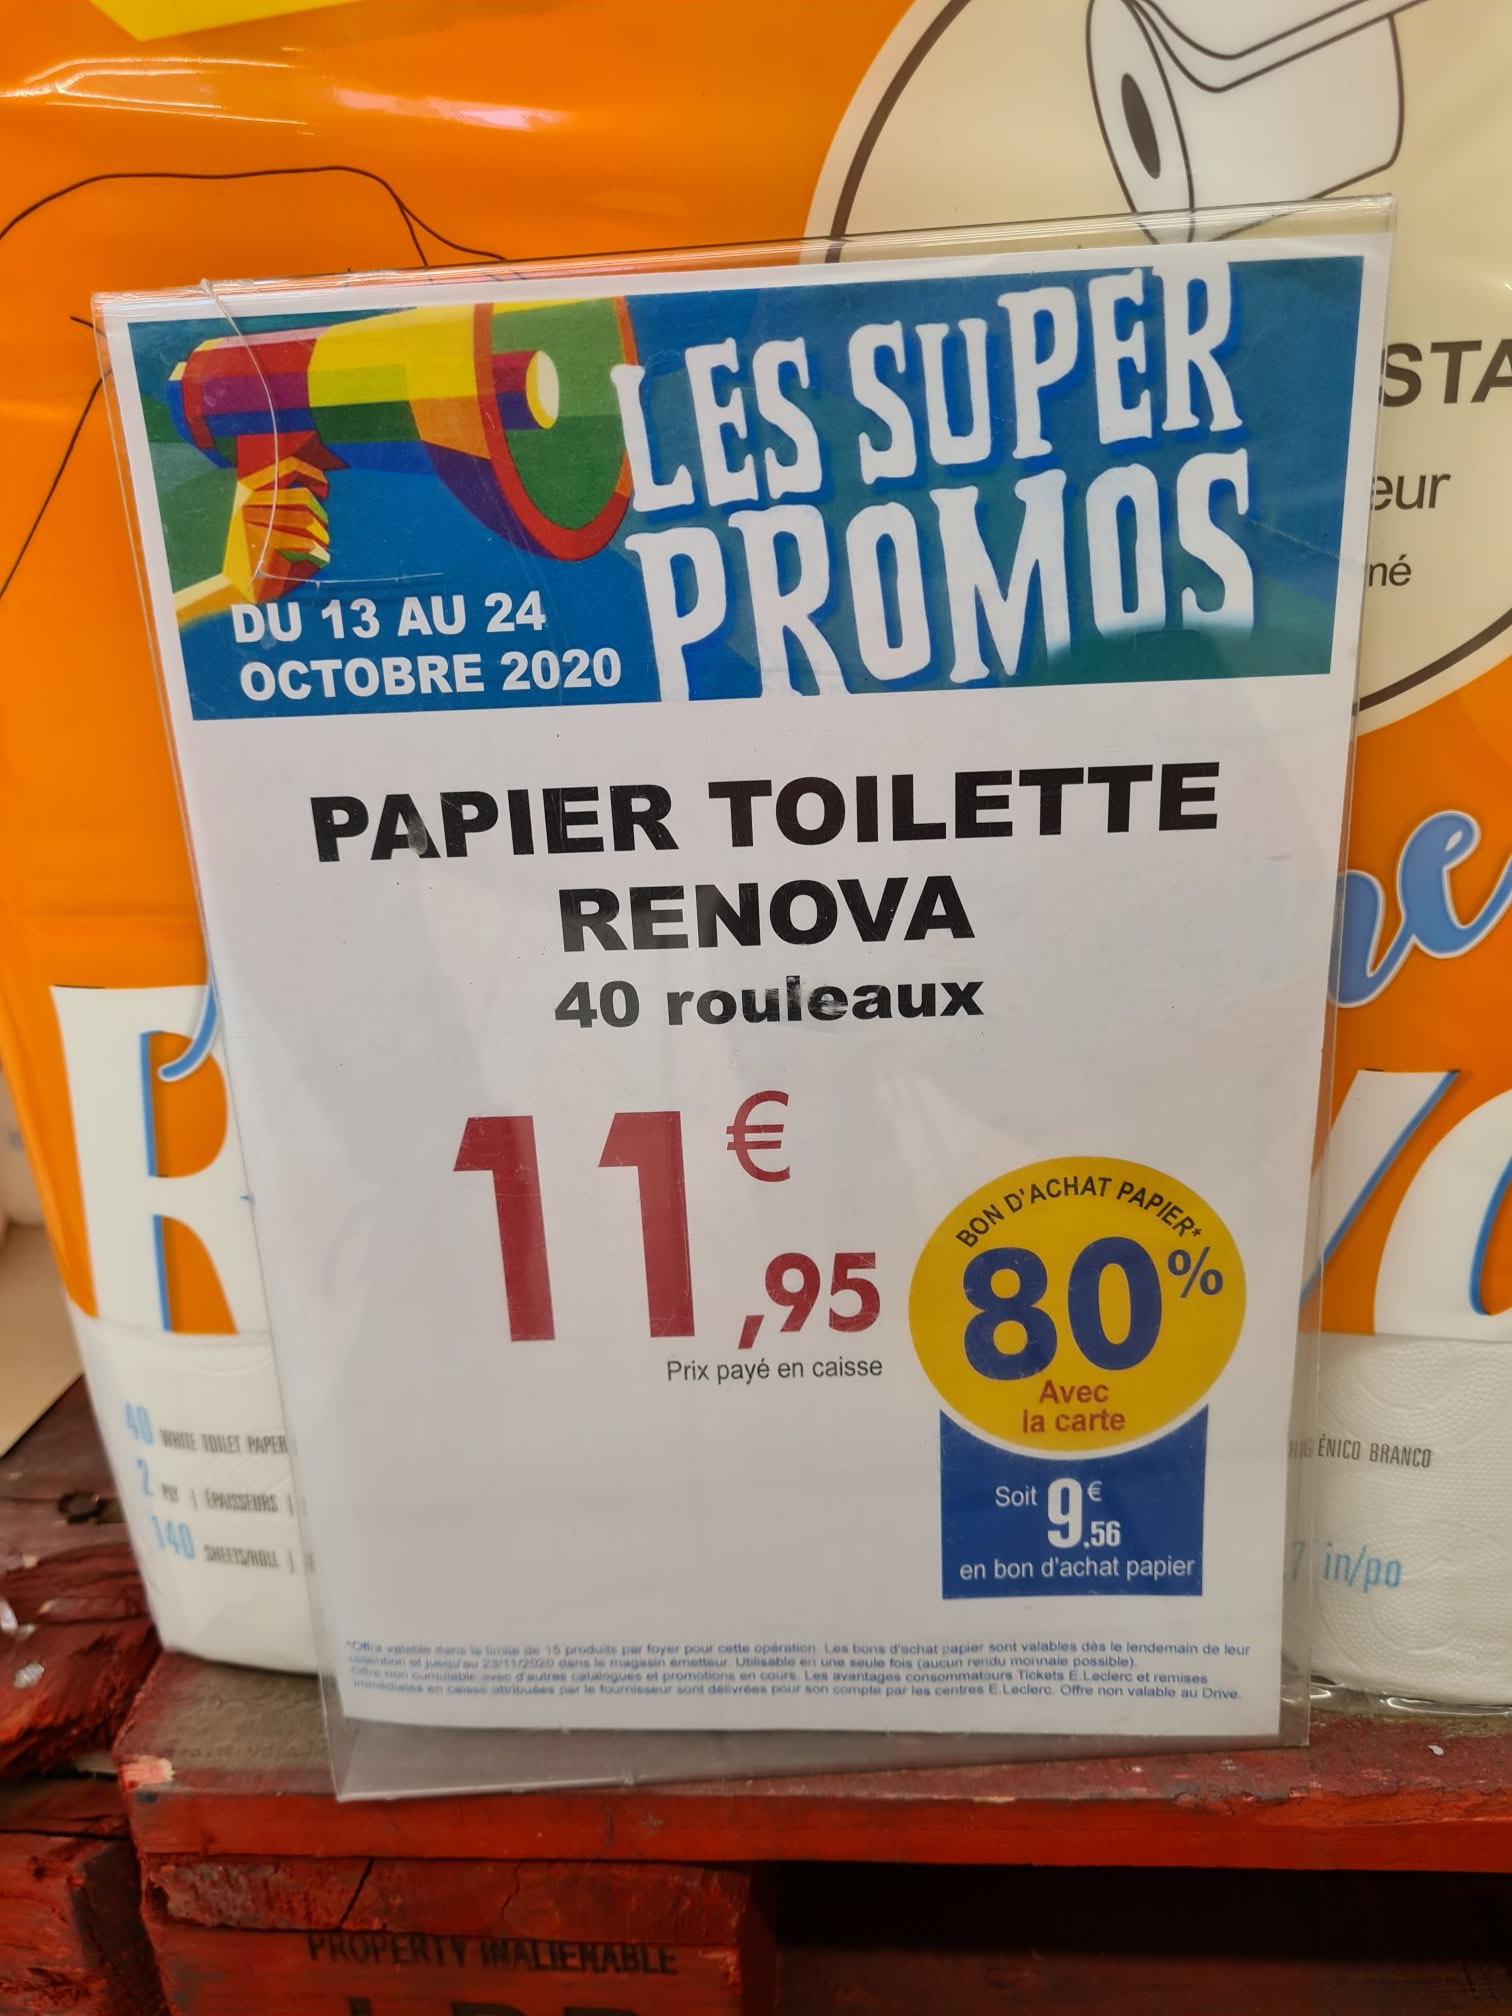 Paquet de 40 rouleaux Papier toilette Renova (Via 9.56€ en bon d'achat) - Civrieux d'Azergues (69)